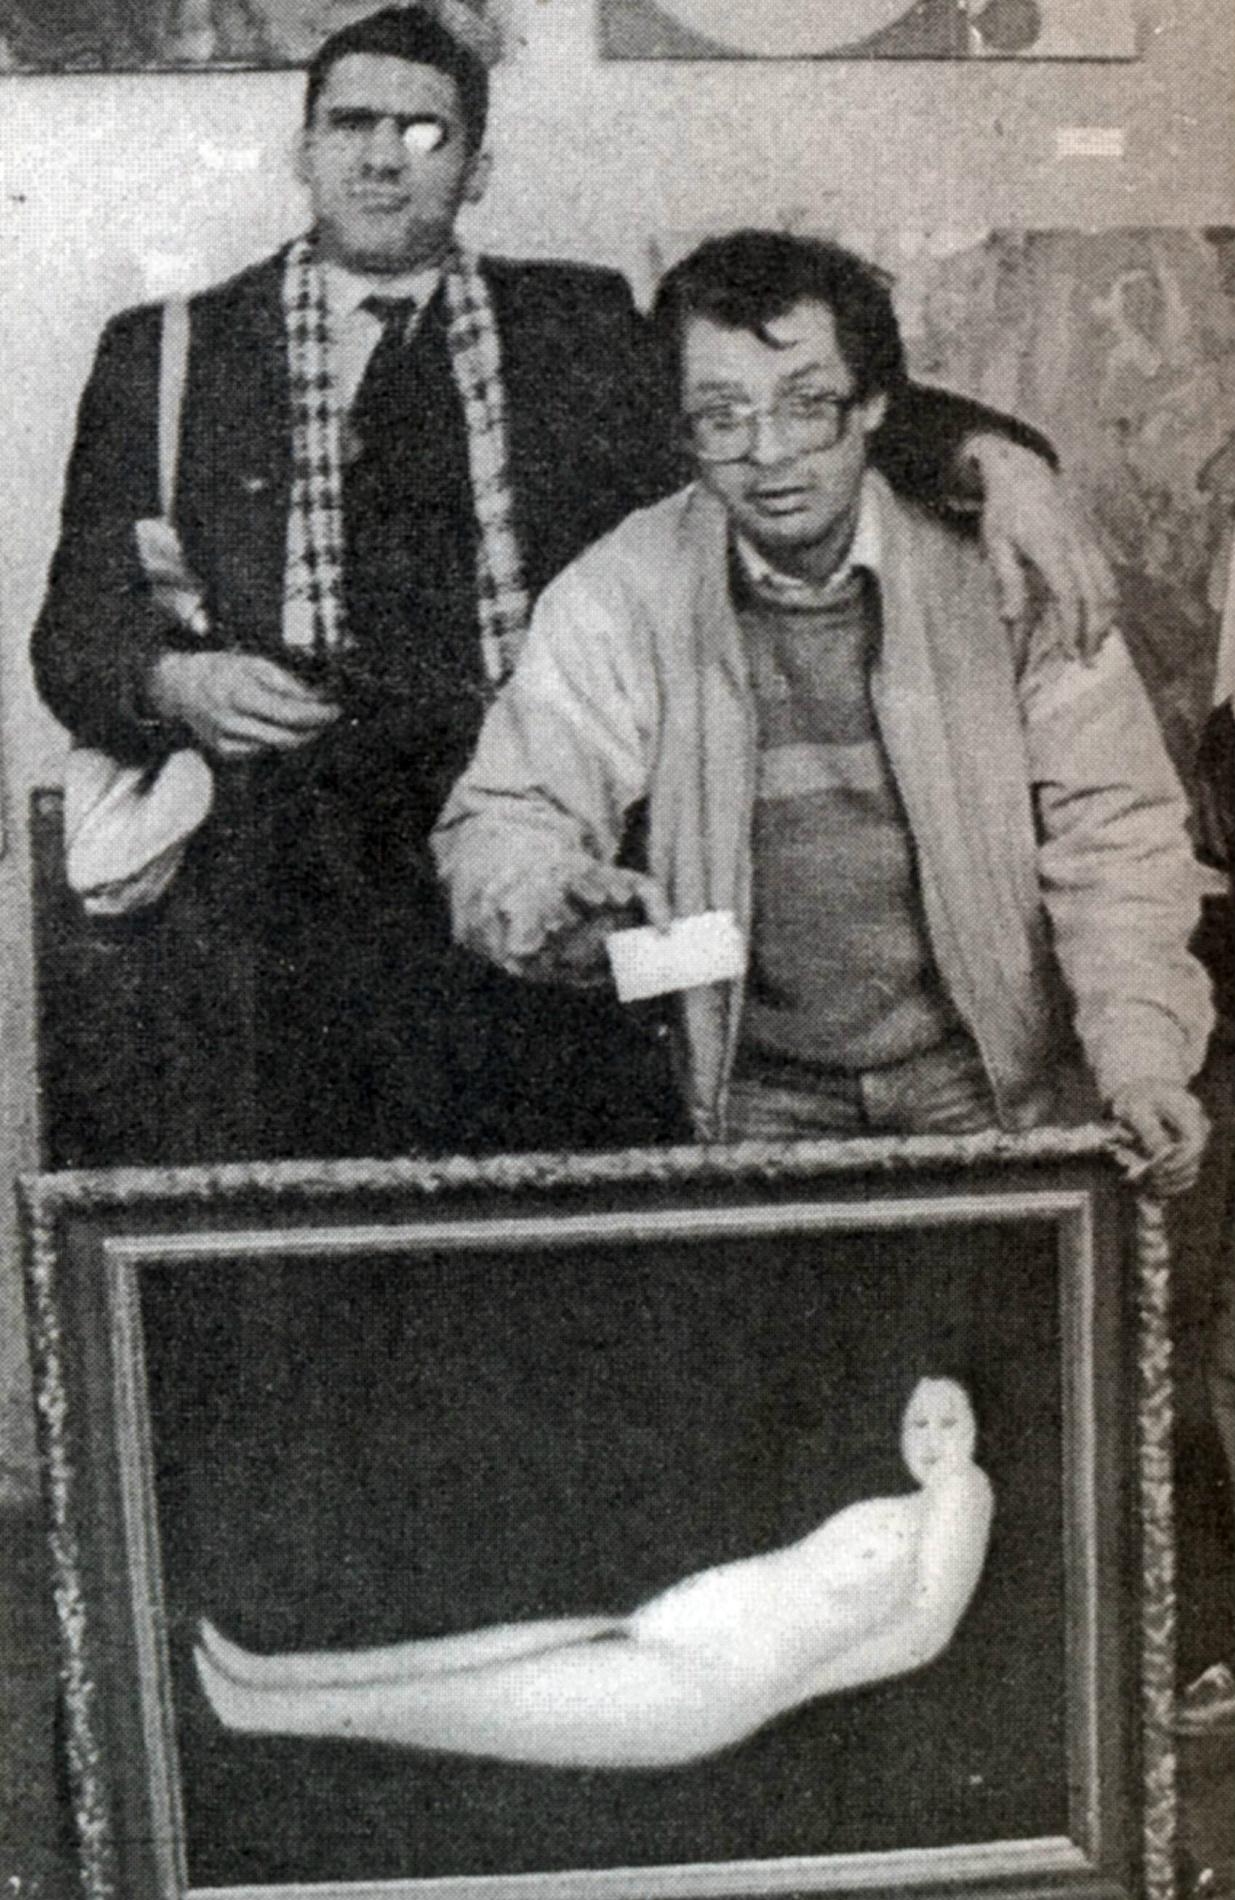 """Artistas Avdéi Ter-Oganian e Iúri Paláitchev com seu """"Nu Novo"""", em 1988 (Foto: Arquivo de Avdéi Ter-Oganian)"""